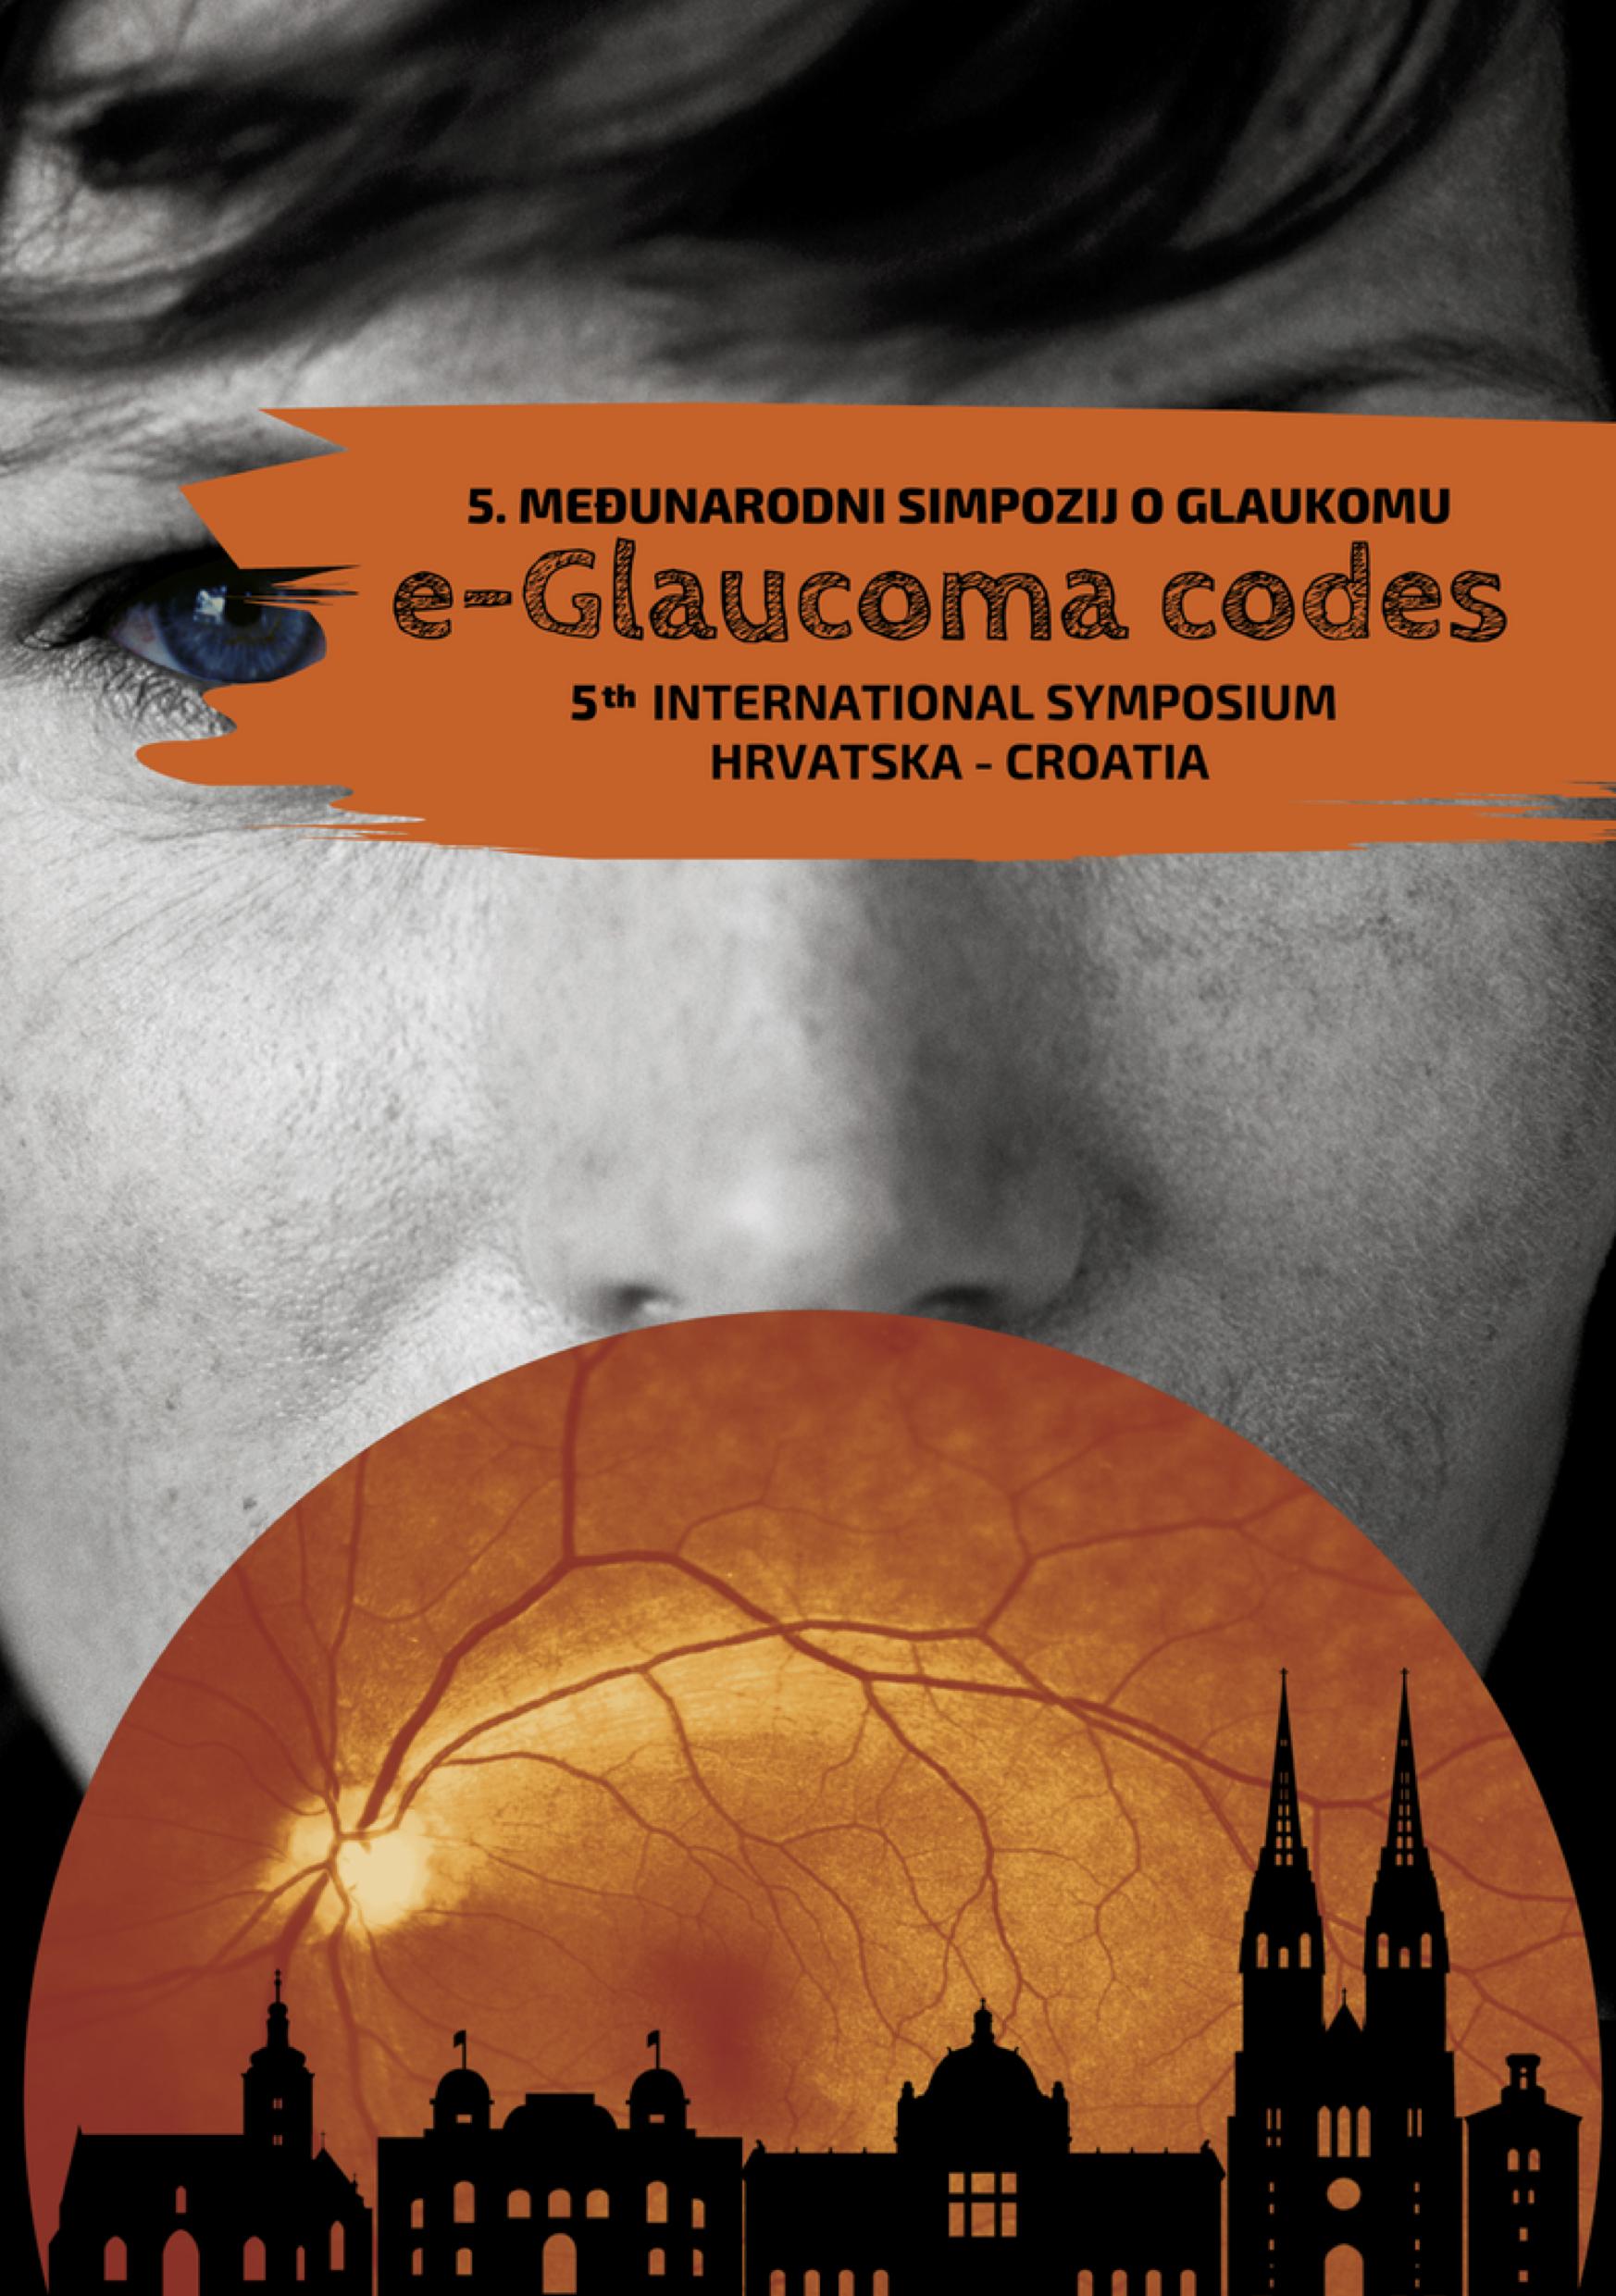 e-Glaucoma Codes